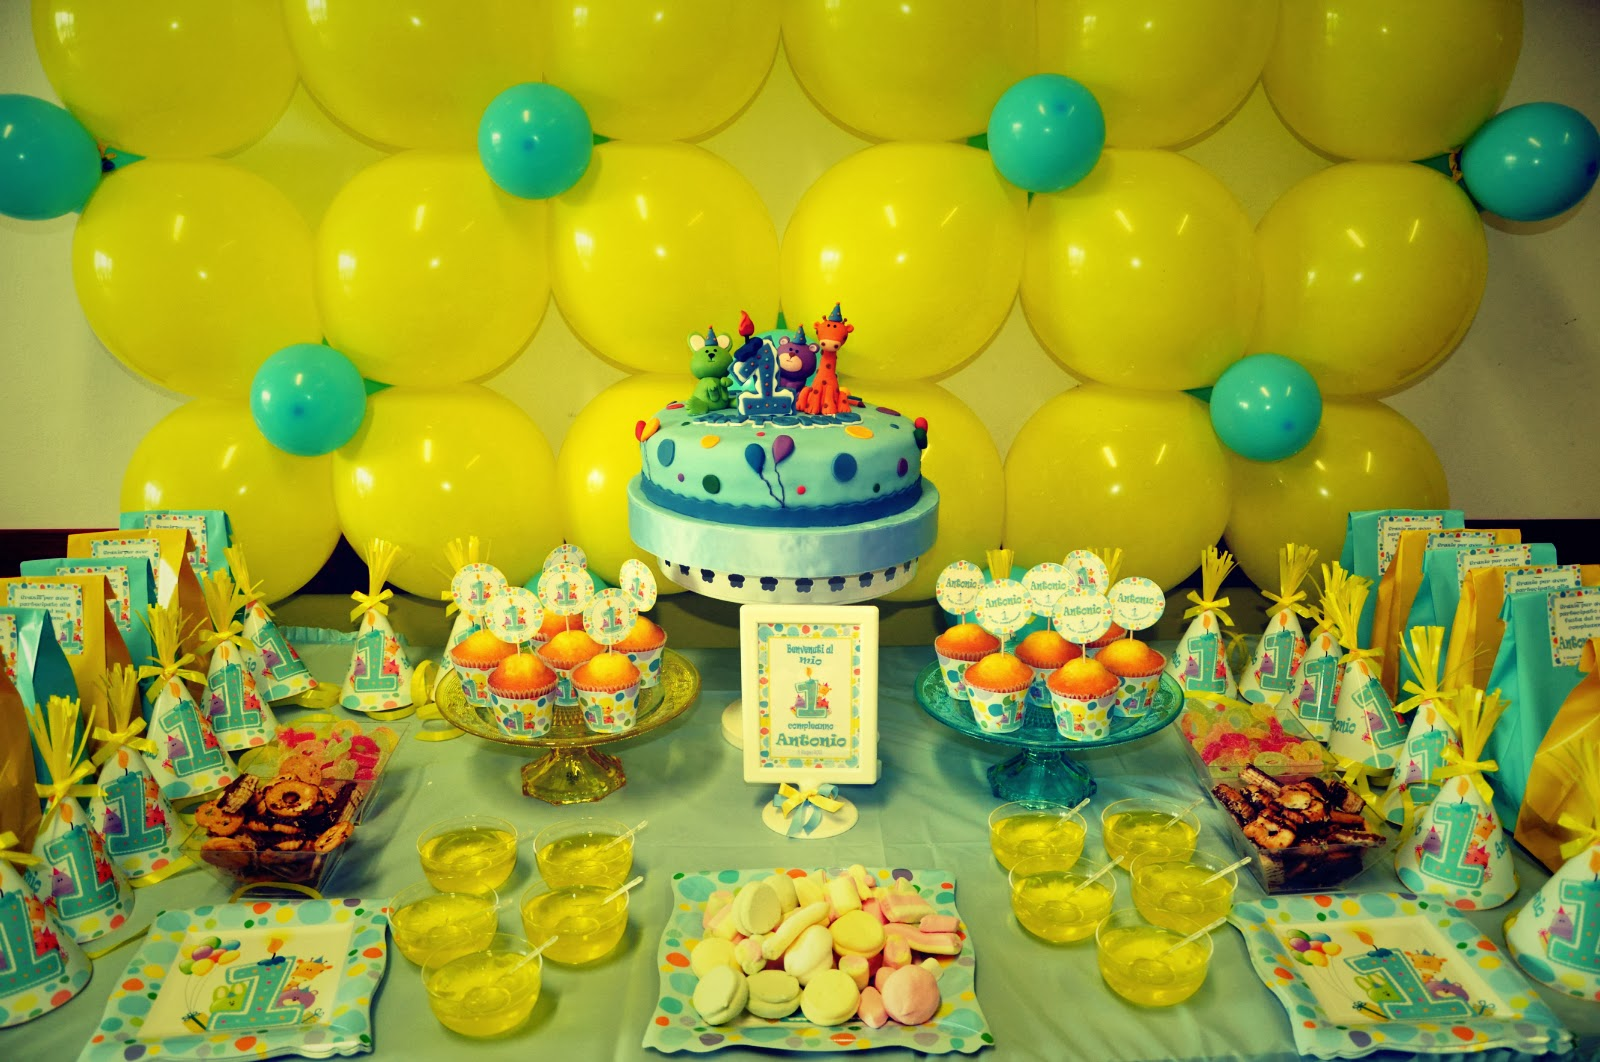 Allestire Tavolo Per Compleanno Bambino Come Allestire La Tavola